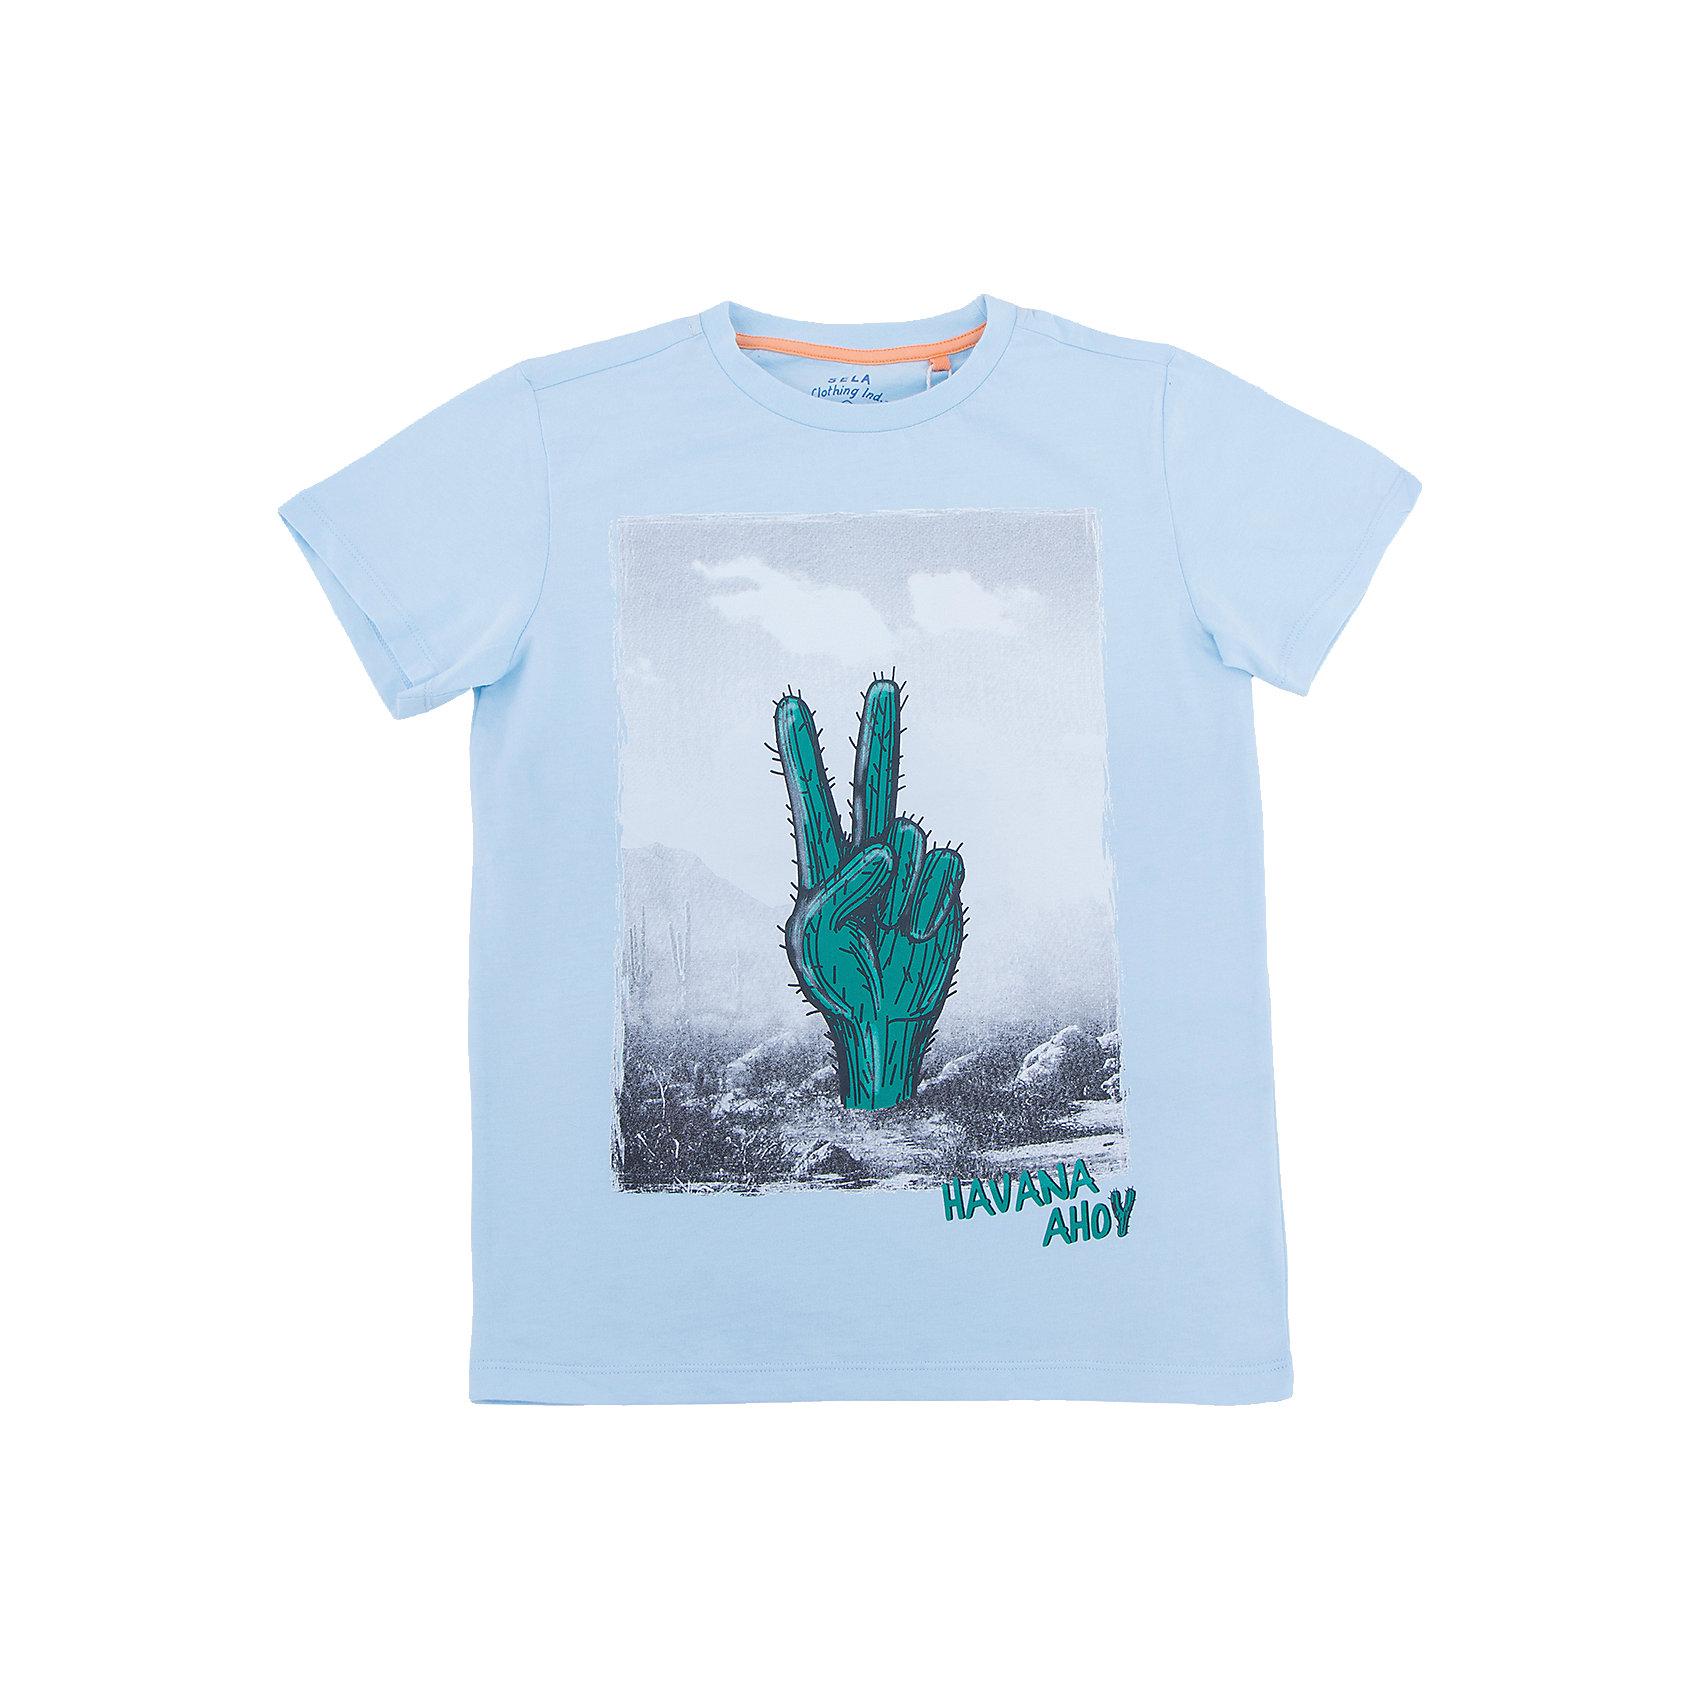 Футболка с длинным рукавом для мальчика SELAФутболки, поло и топы<br>Футболка с длинным рукавом для мальчика от известного бренда SELA<br>Состав:<br>100% хлопок<br><br>Ширина мм: 230<br>Глубина мм: 40<br>Высота мм: 220<br>Вес г: 250<br>Цвет: голубой<br>Возраст от месяцев: 84<br>Возраст до месяцев: 96<br>Пол: Мужской<br>Возраст: Детский<br>Размер: 128,134,140,146,152,122<br>SKU: 5304218